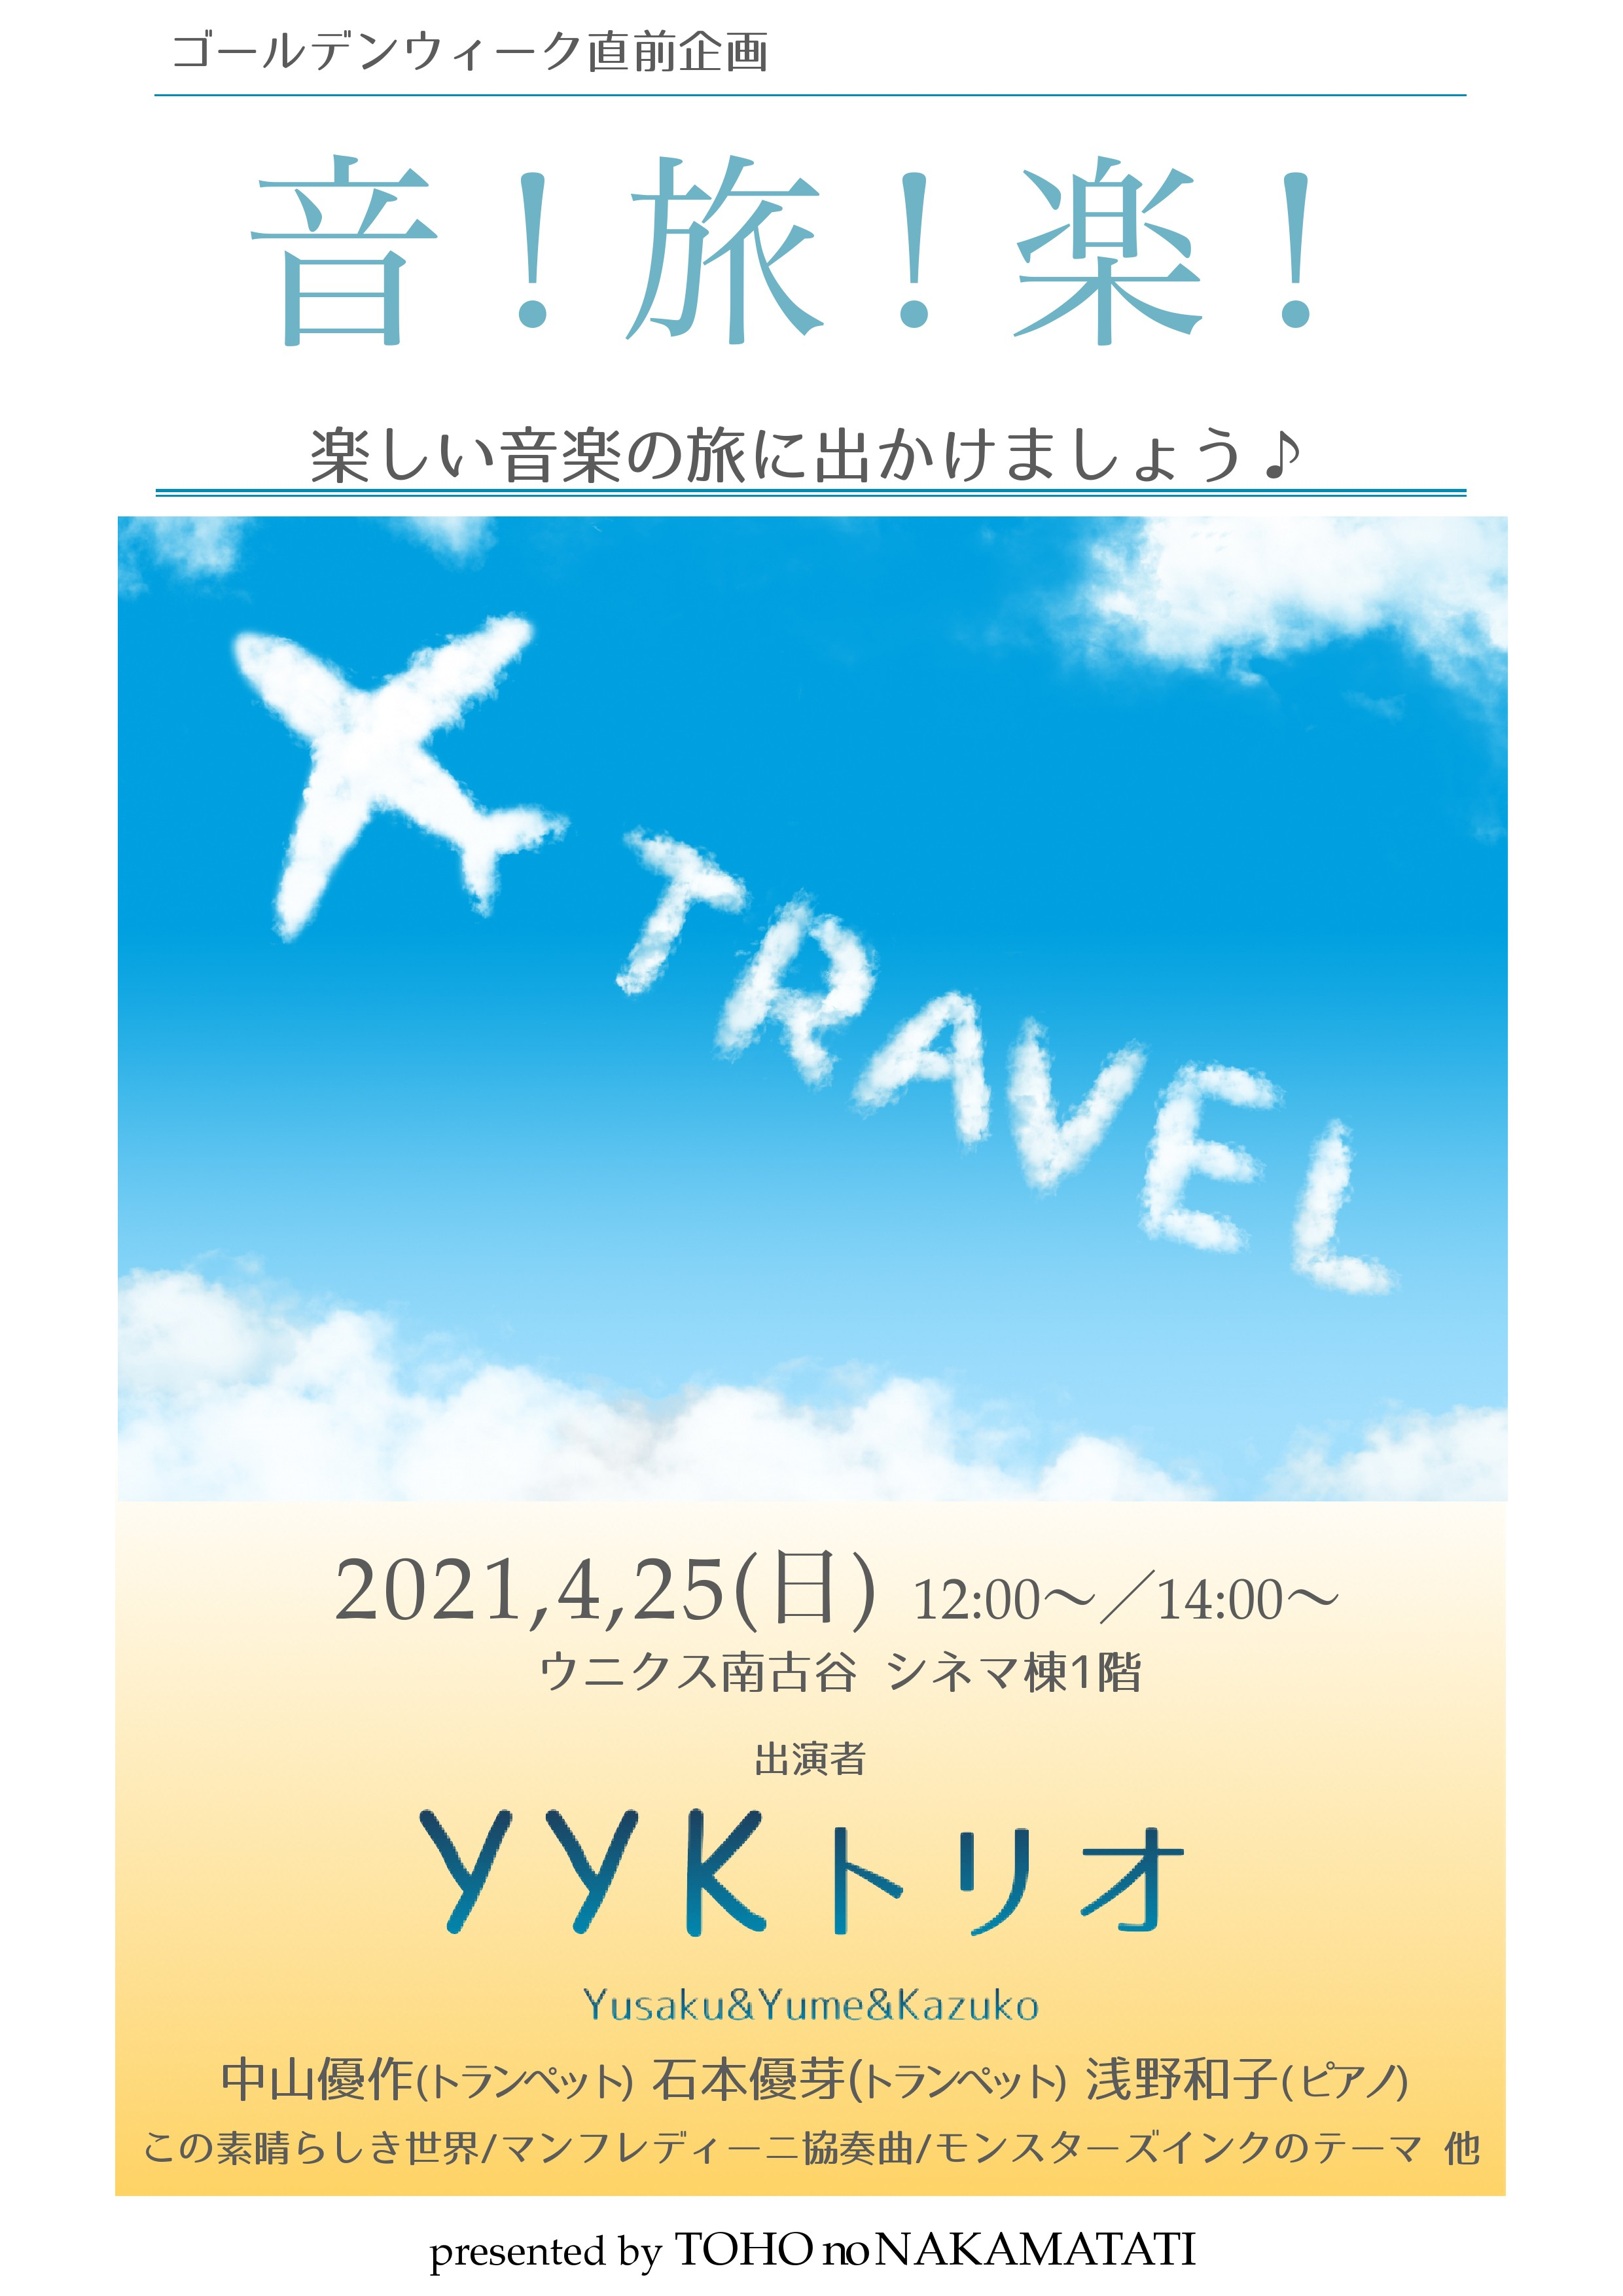 2021年4月25日(日) 音!旅!楽!楽しい音楽の旅に出かけましょう♪